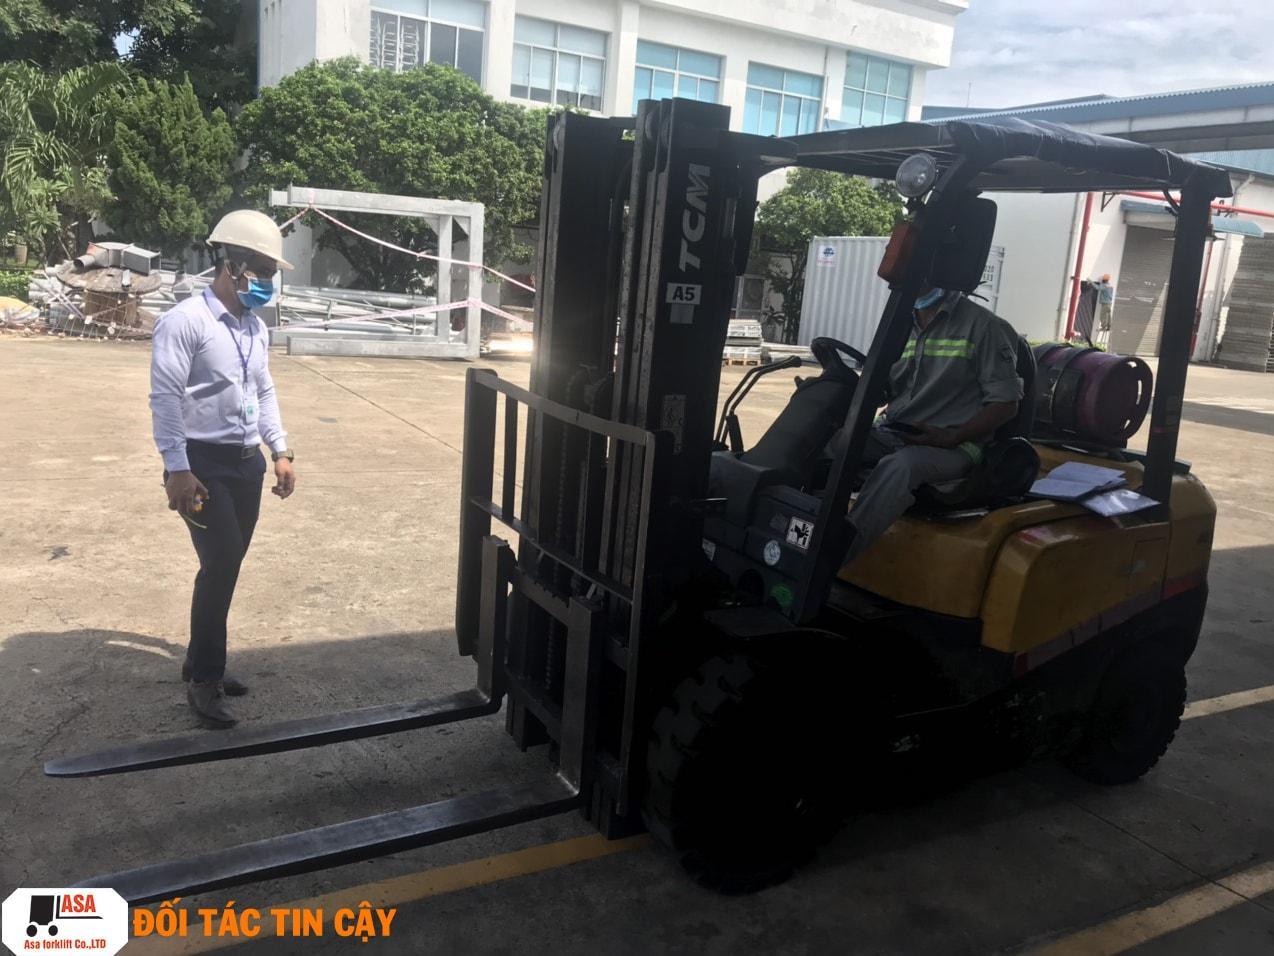 Sửa xe nâng TPHCM và các khu vực lân cậnt